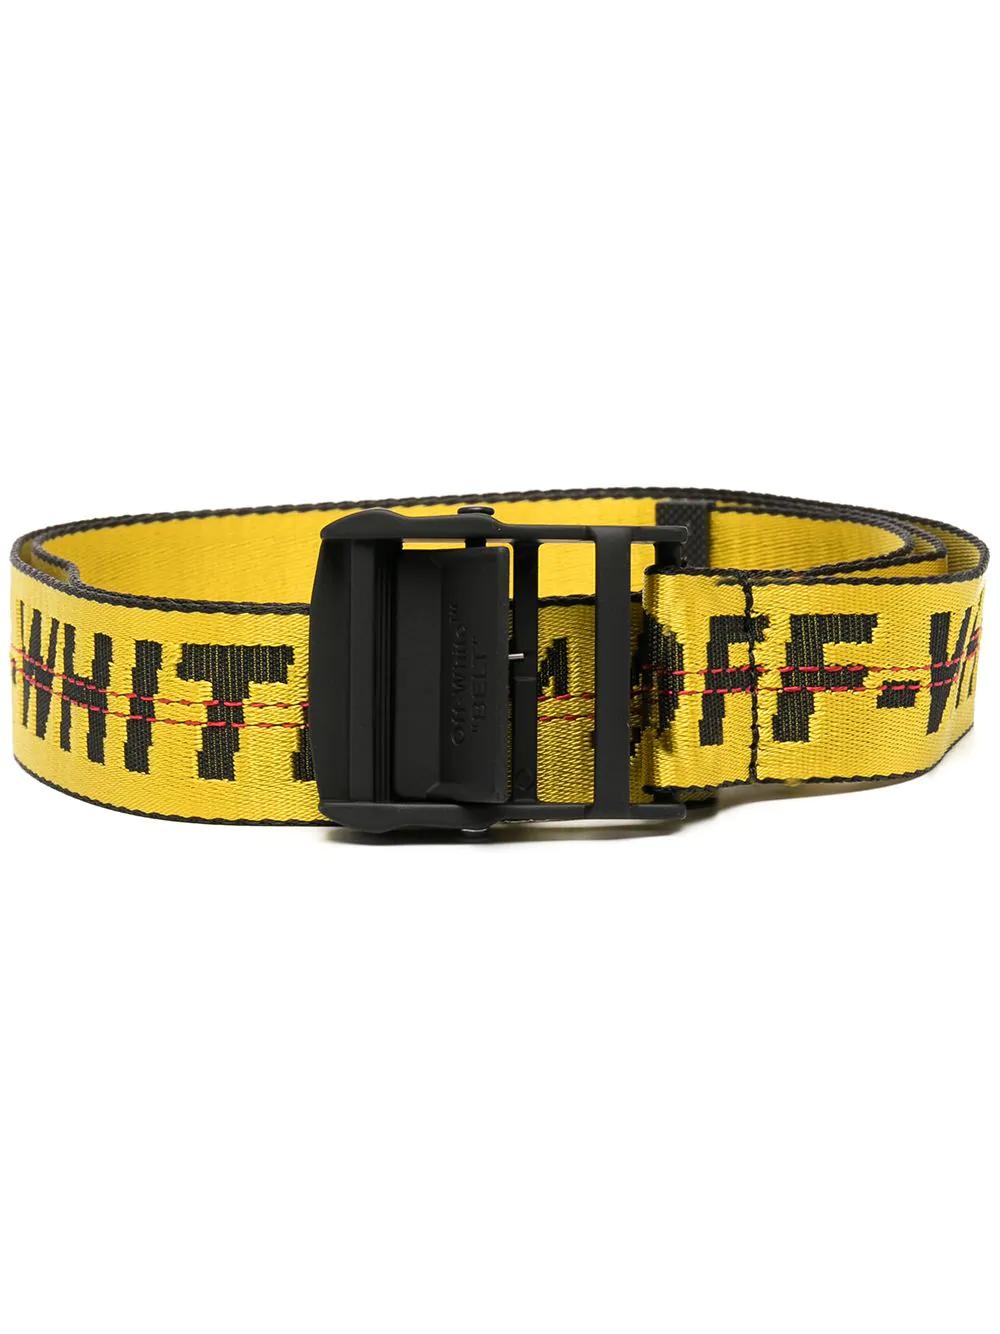 off-white adjustable belt